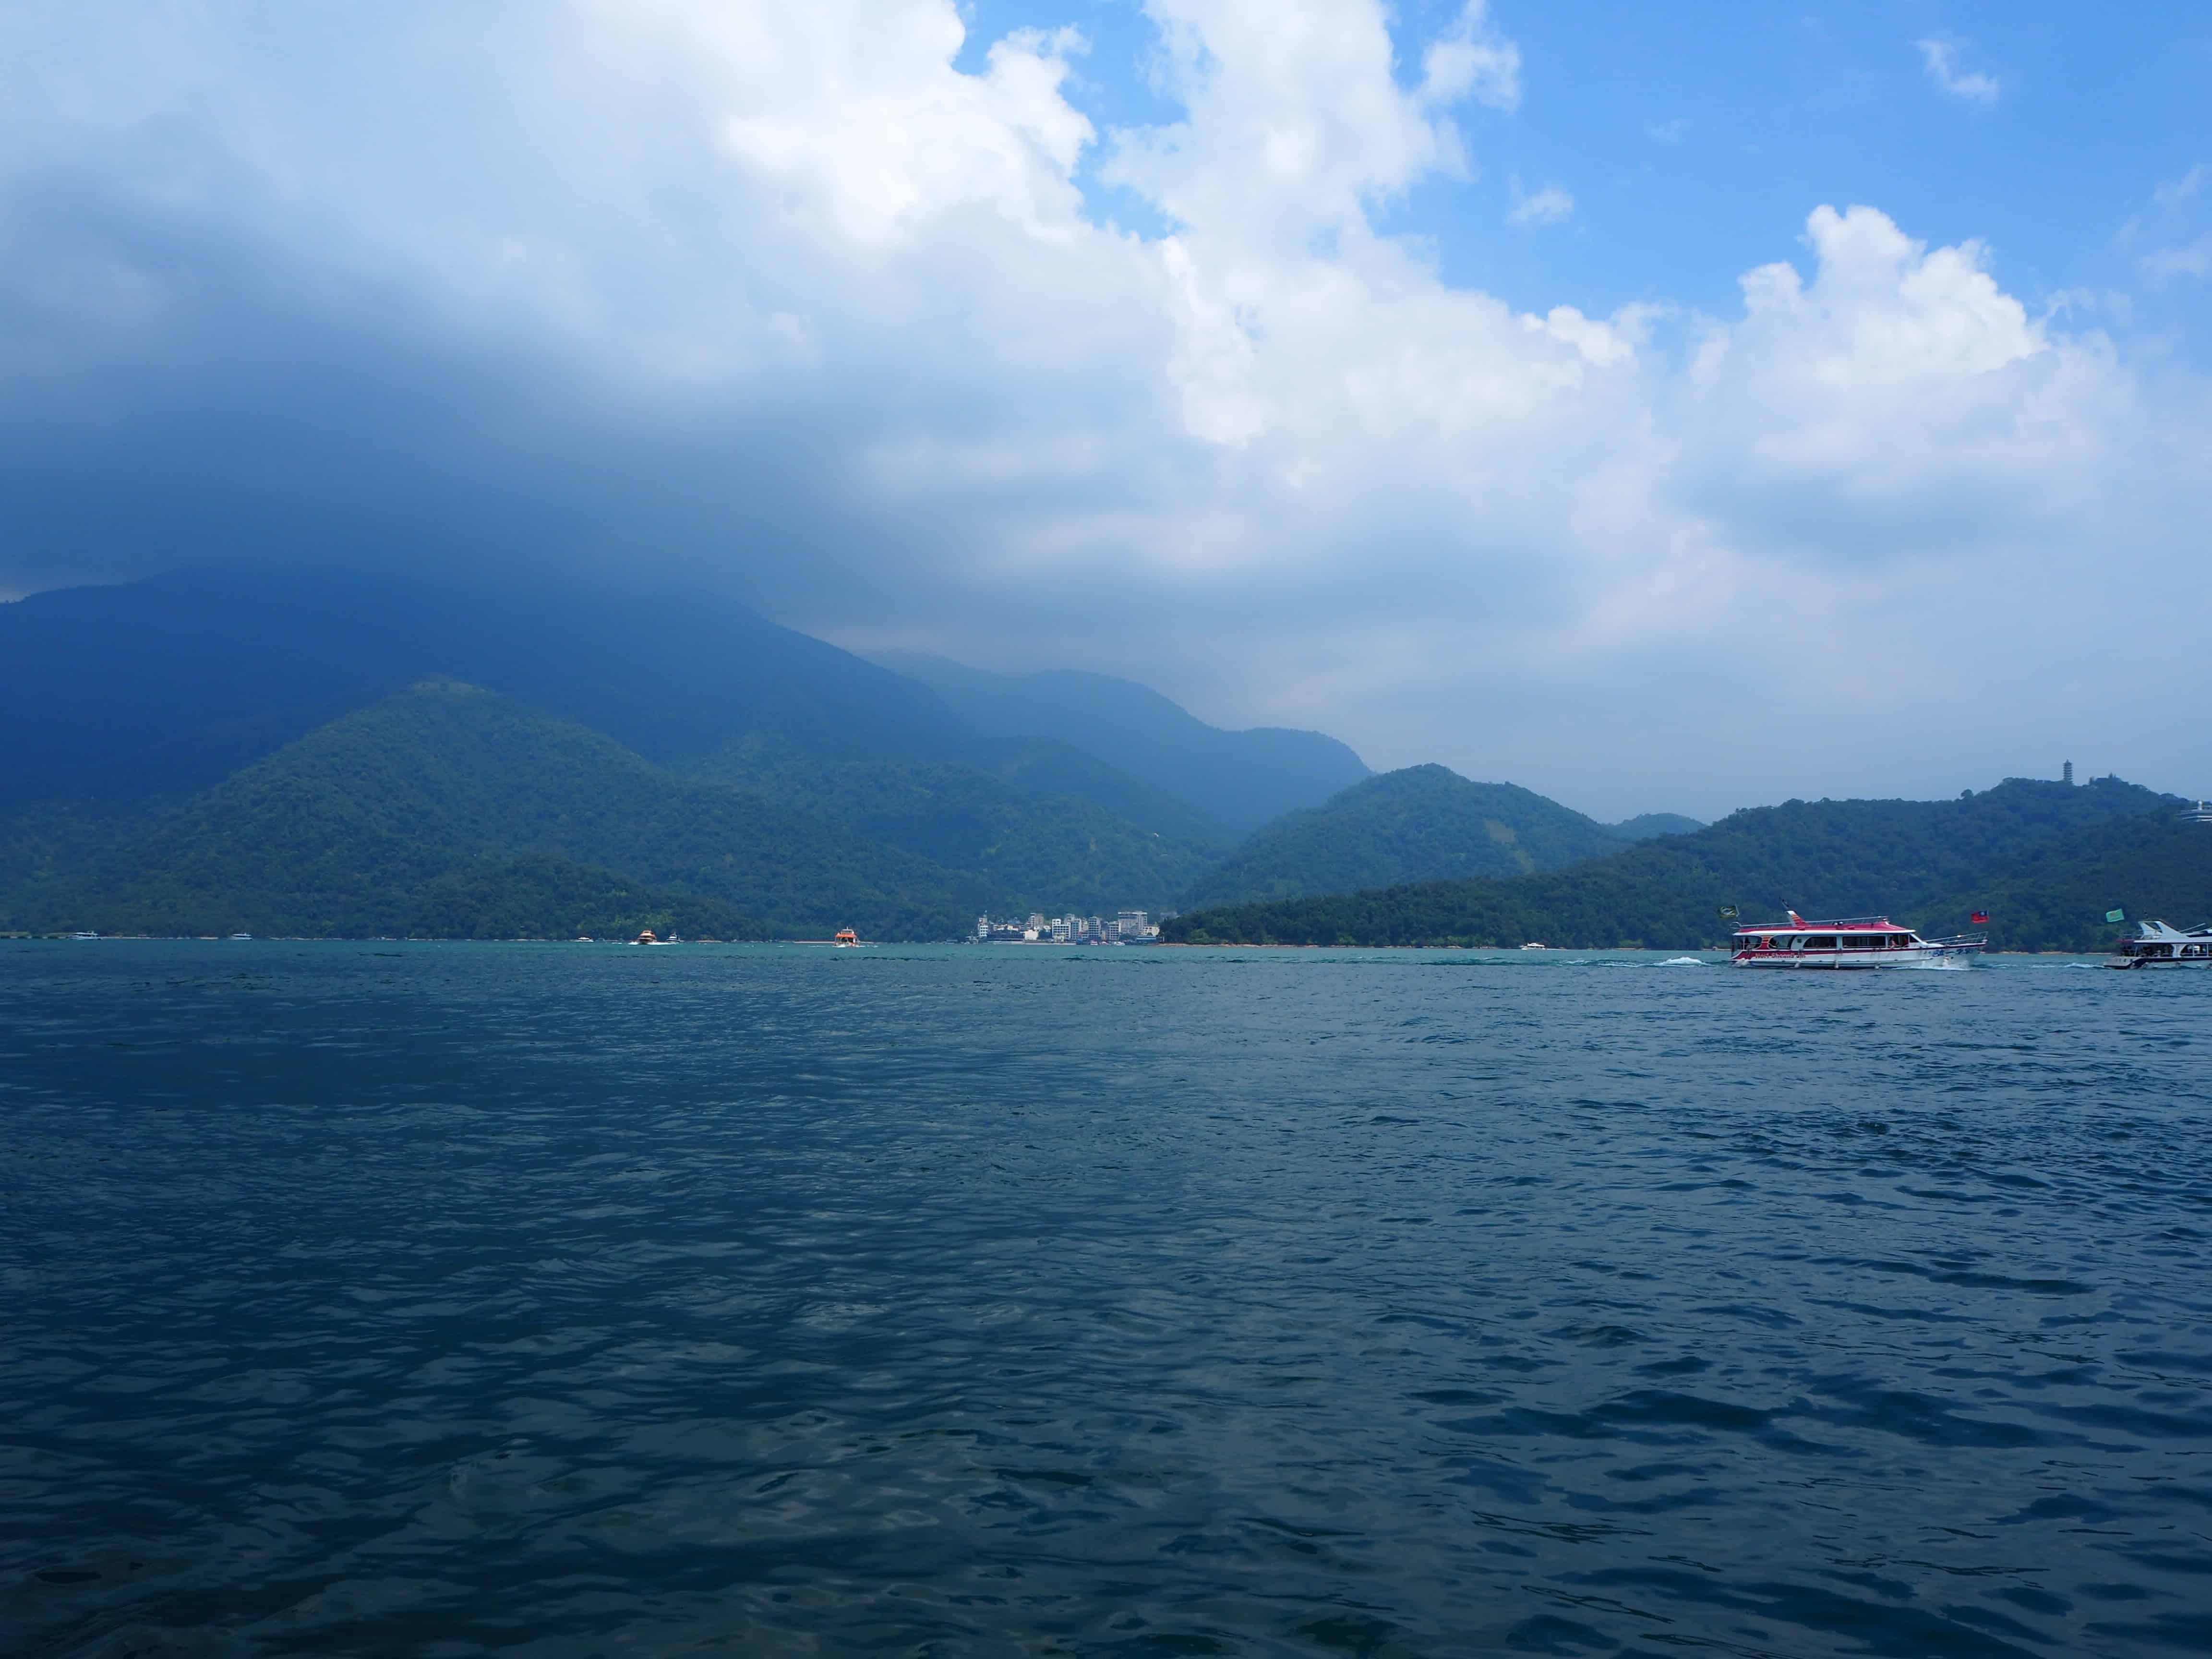 vue sur les montagnes depuis le bateau